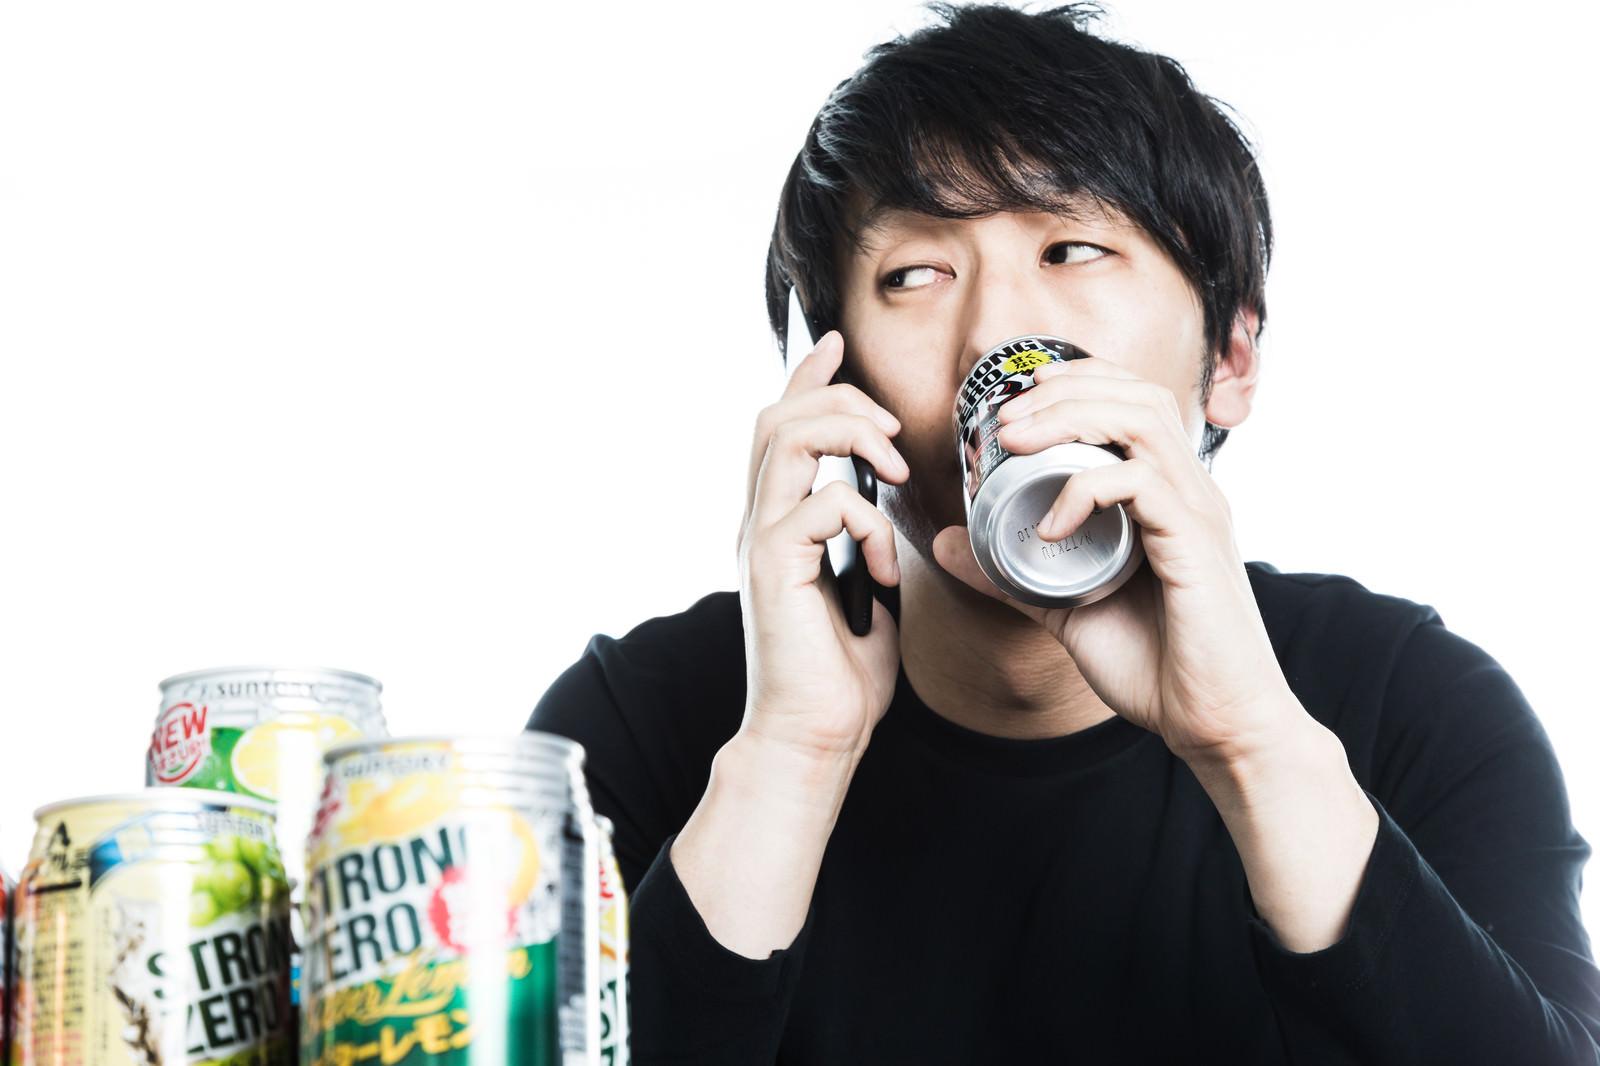 「昼間から缶チューハイを飲みながらクライアントにリスケを伝えるダメフリーランス」の写真[モデル:大川竜弥]